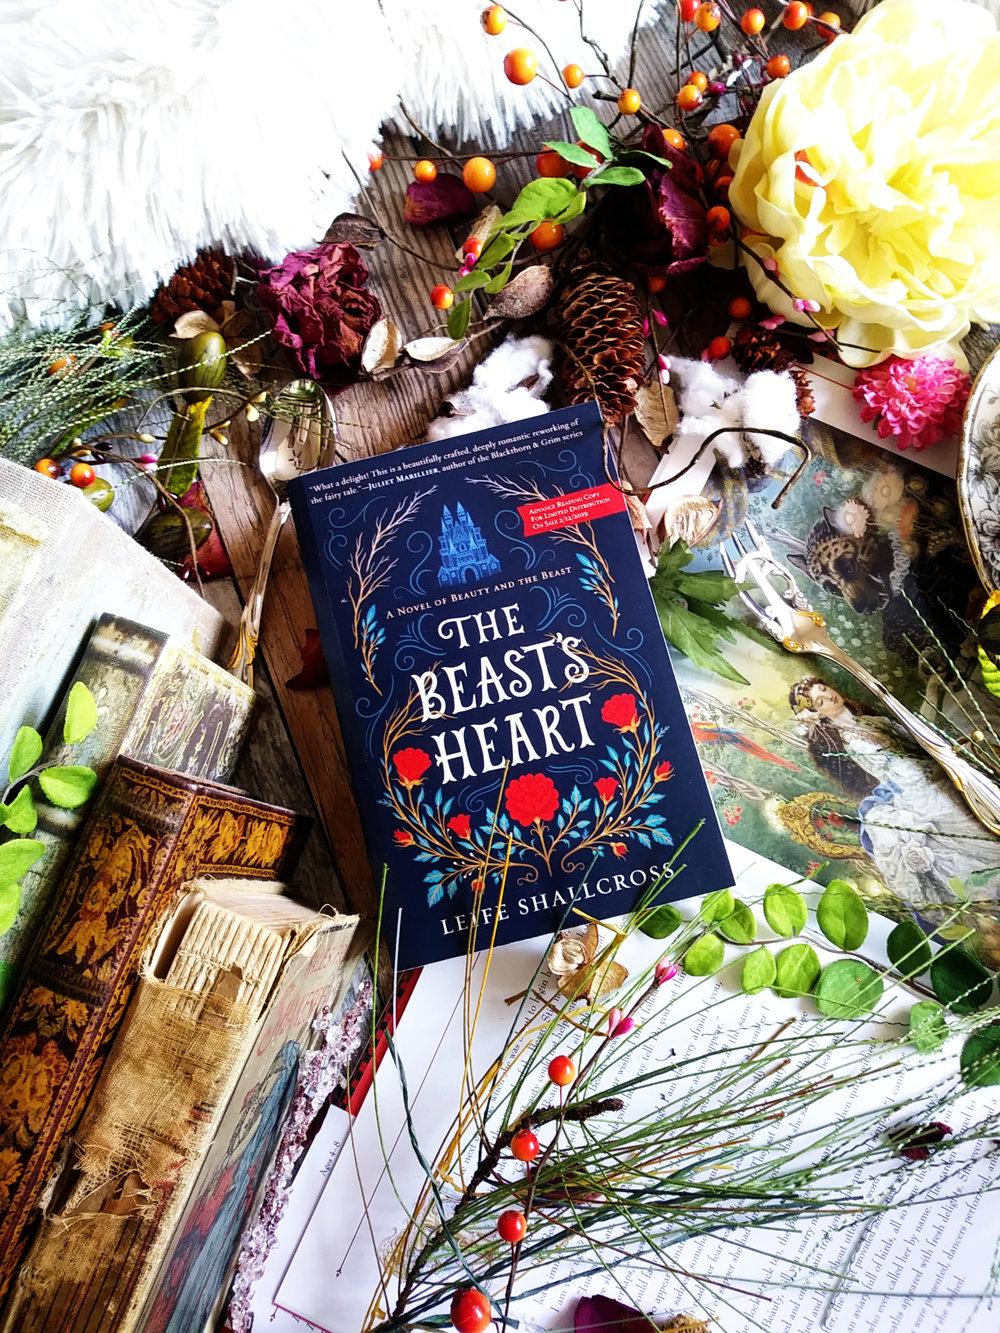 The Beast's Heart by Leife Shallcross 20190131_1132.jpg